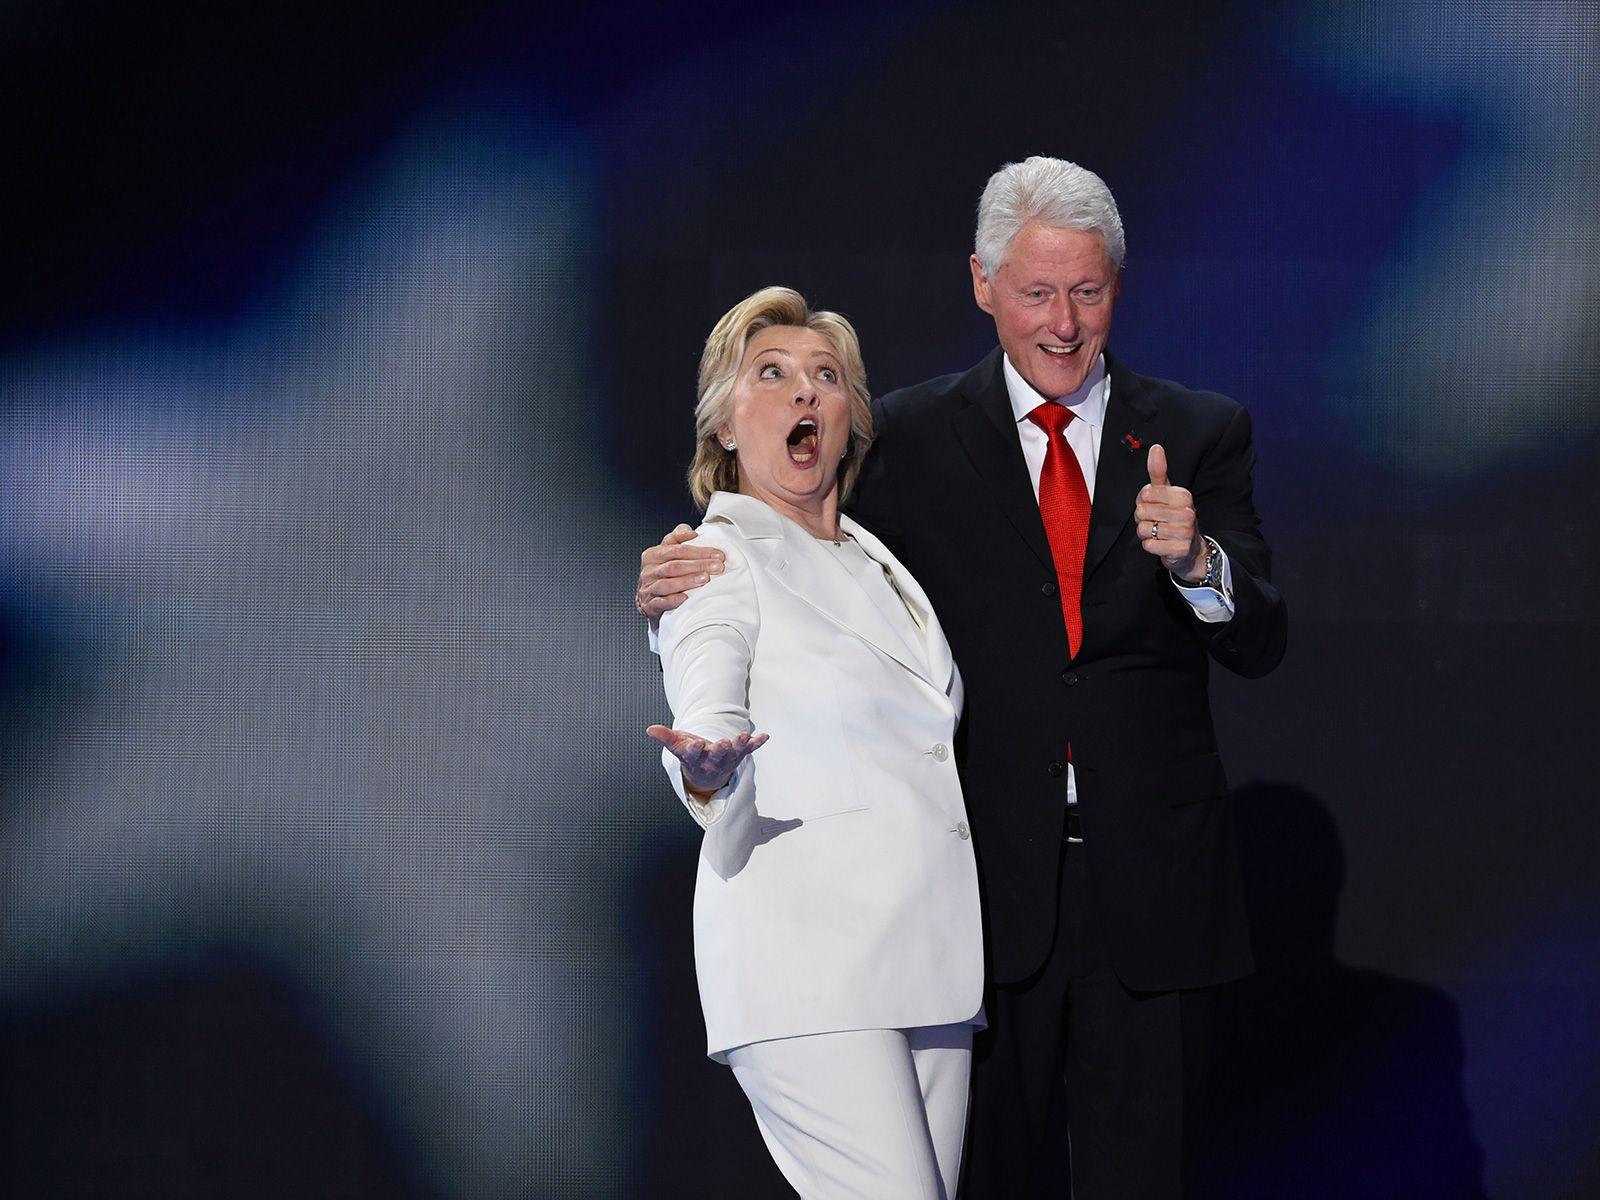 Lavoro, sicurezza, cambiamento, ma non solo: ecco perché la prima candidata donna alla presidenza degli Stati Uniti si è dimostrata la soluzione migliore.